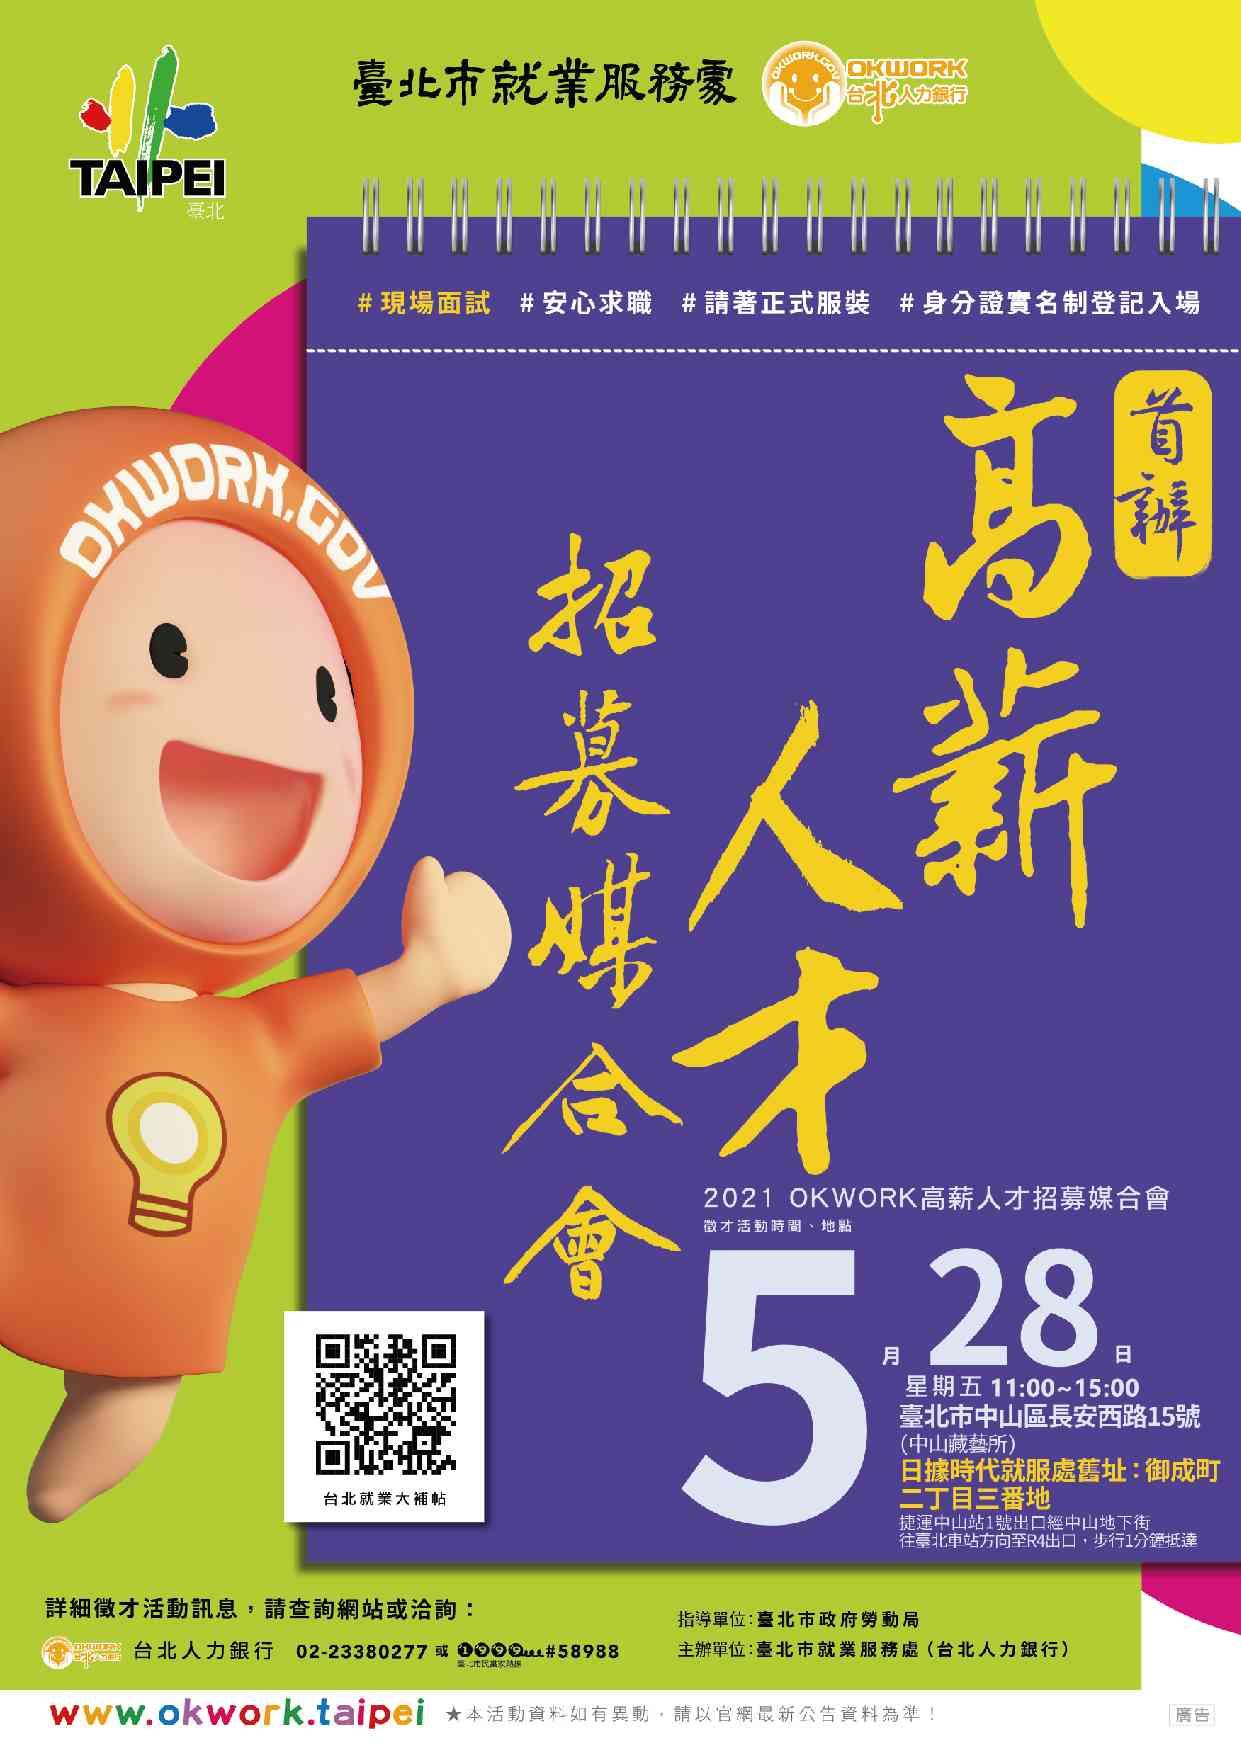 台北市就業服務處 110年5月28日(五)高薪人才招募媒合會